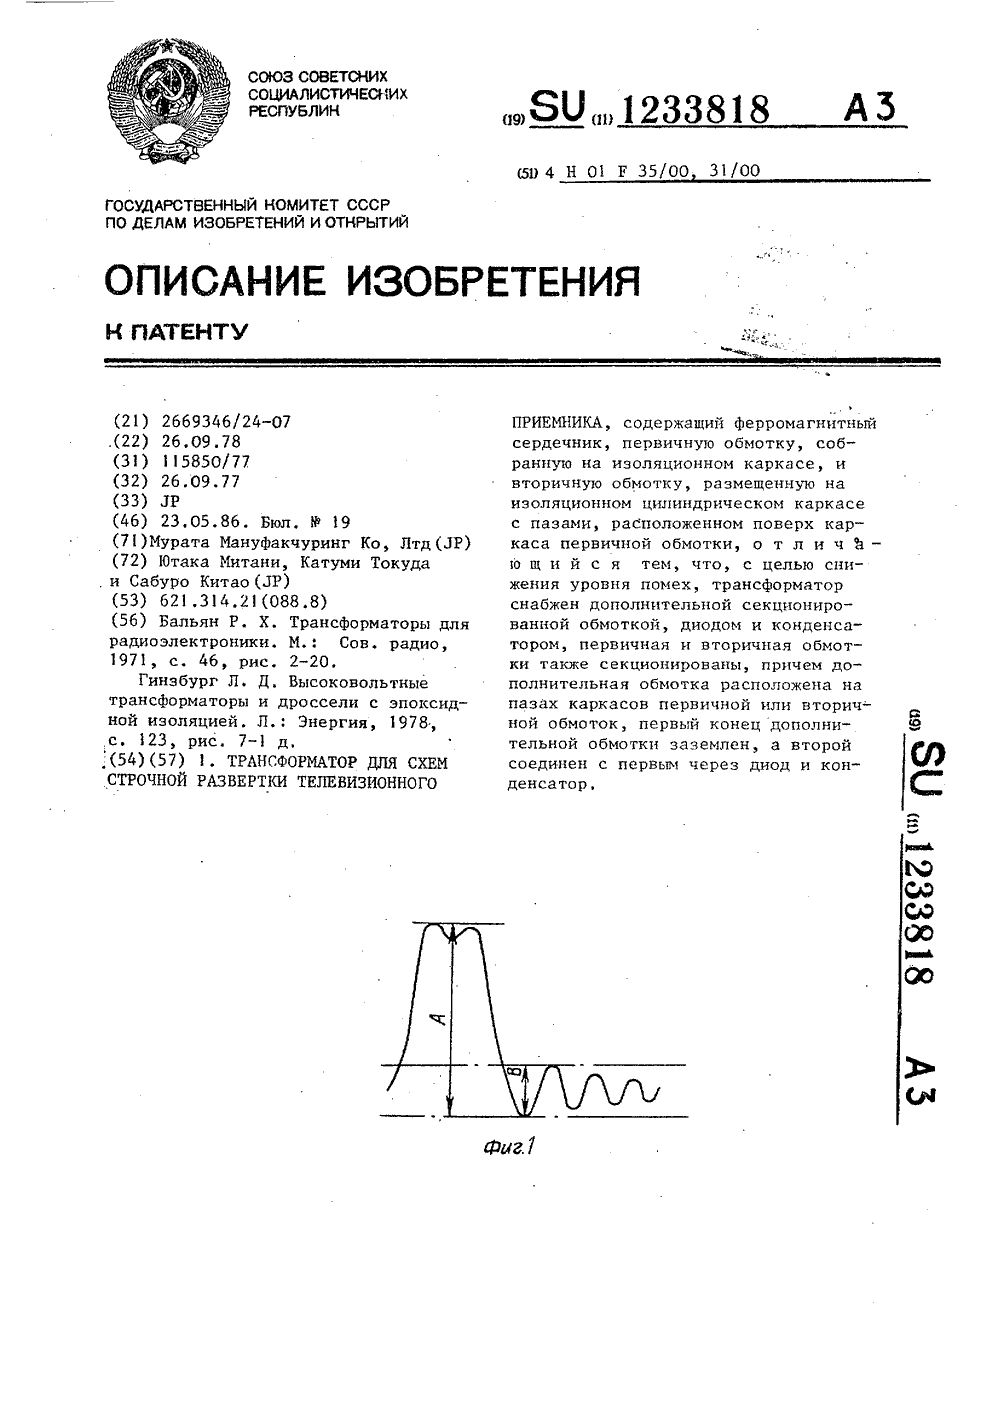 строчный трансформатор рет 1937 схема